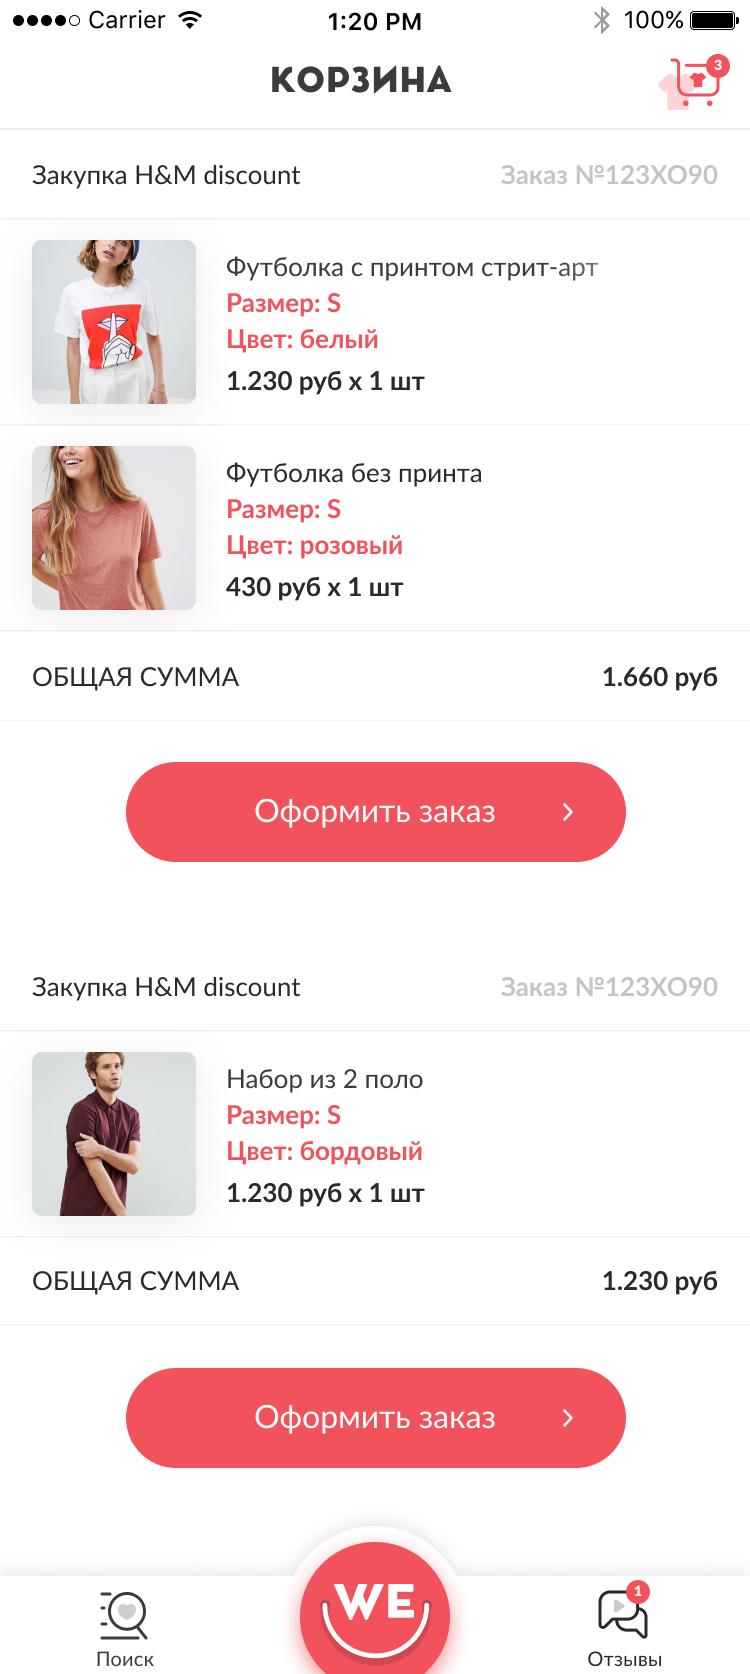 Корзина. Мобильное приложение Dostawemo